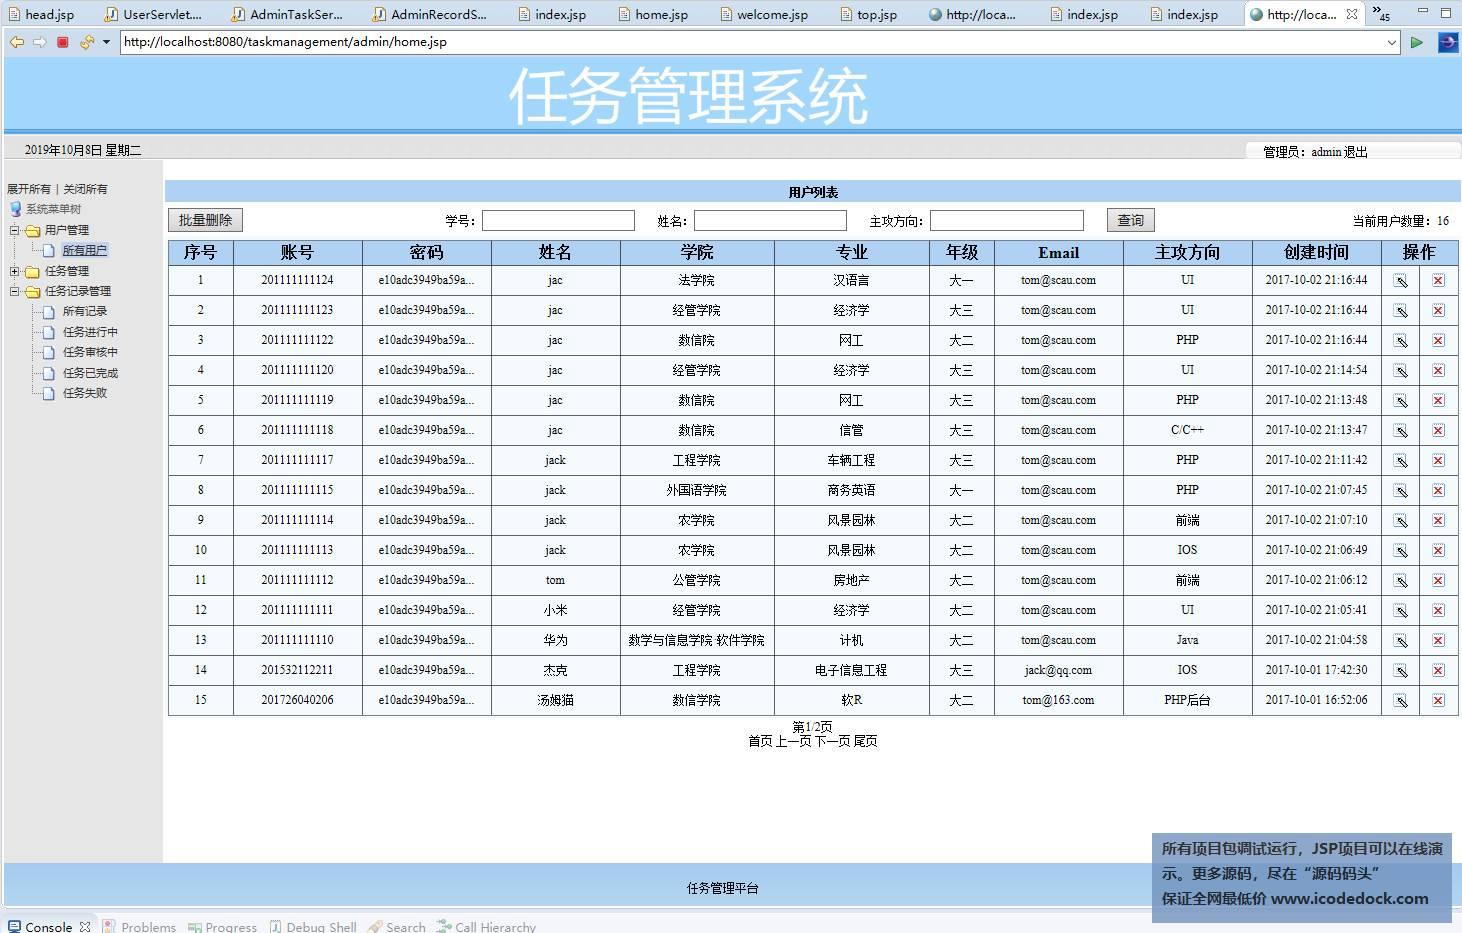 源码码头-JSP校园任务管理系统-管理员角色-用户管理